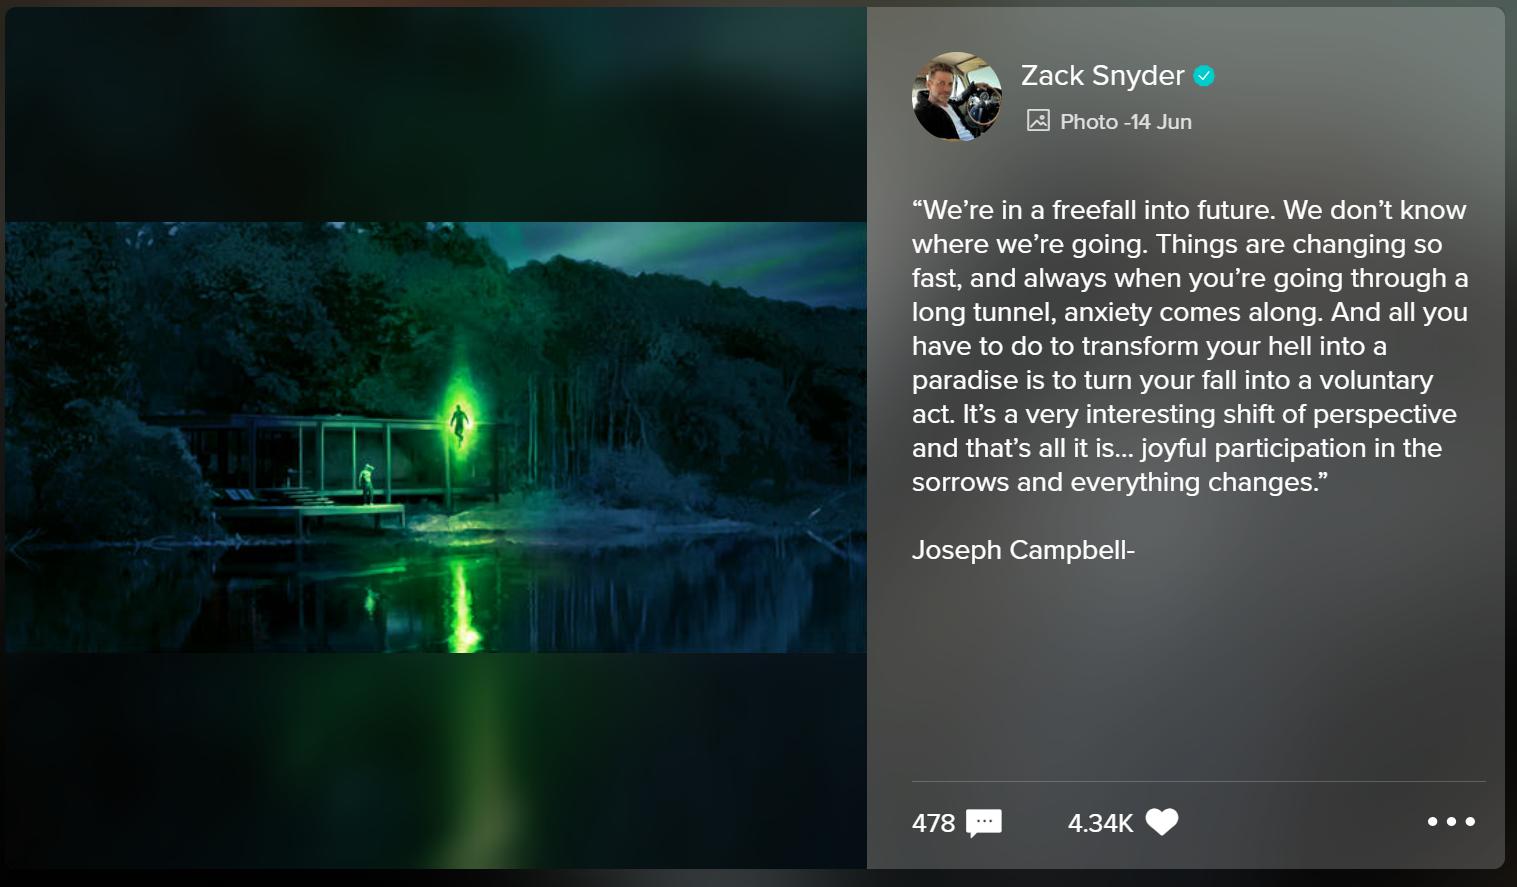 Zack Snyder compartilha a nova arte conceitual da Liga da Justiça do Lanterna Verde 1